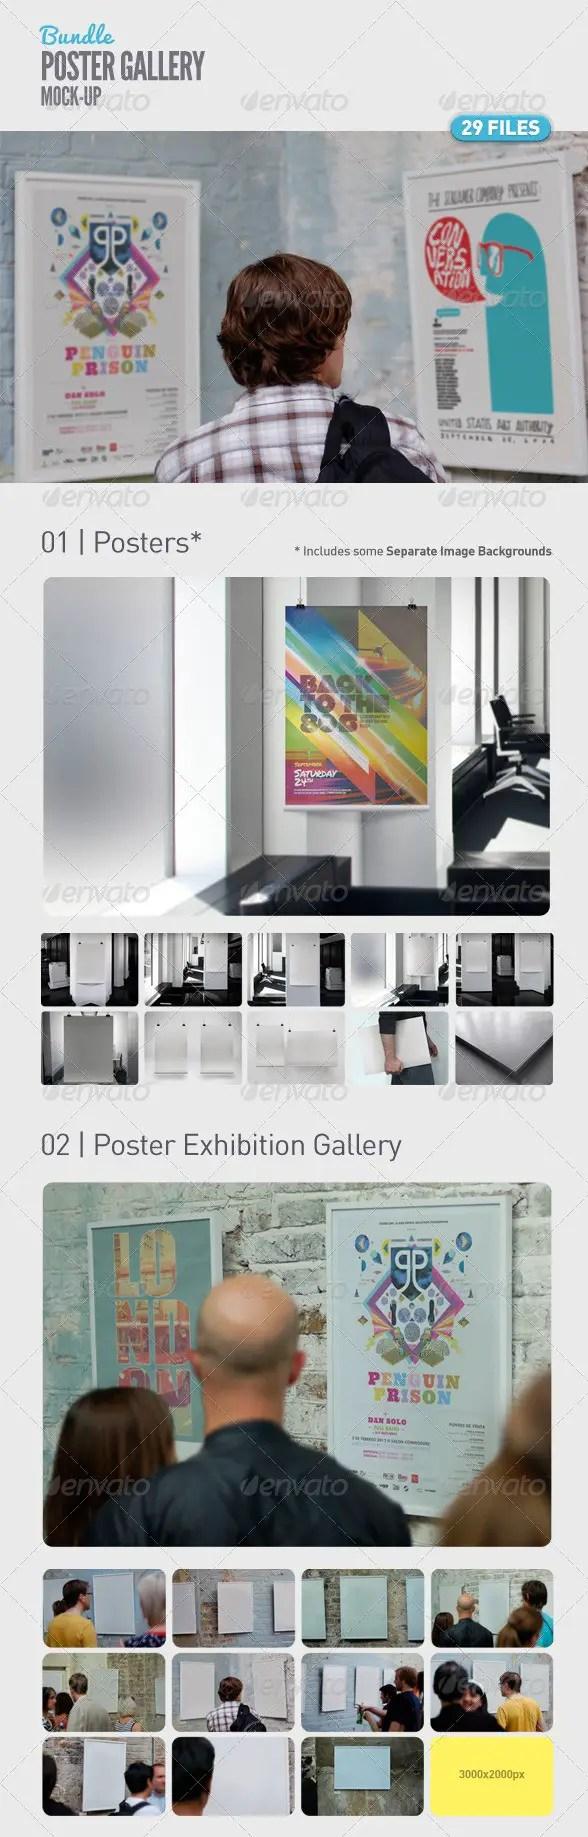 Poster Gallery Mock-Up Bundle